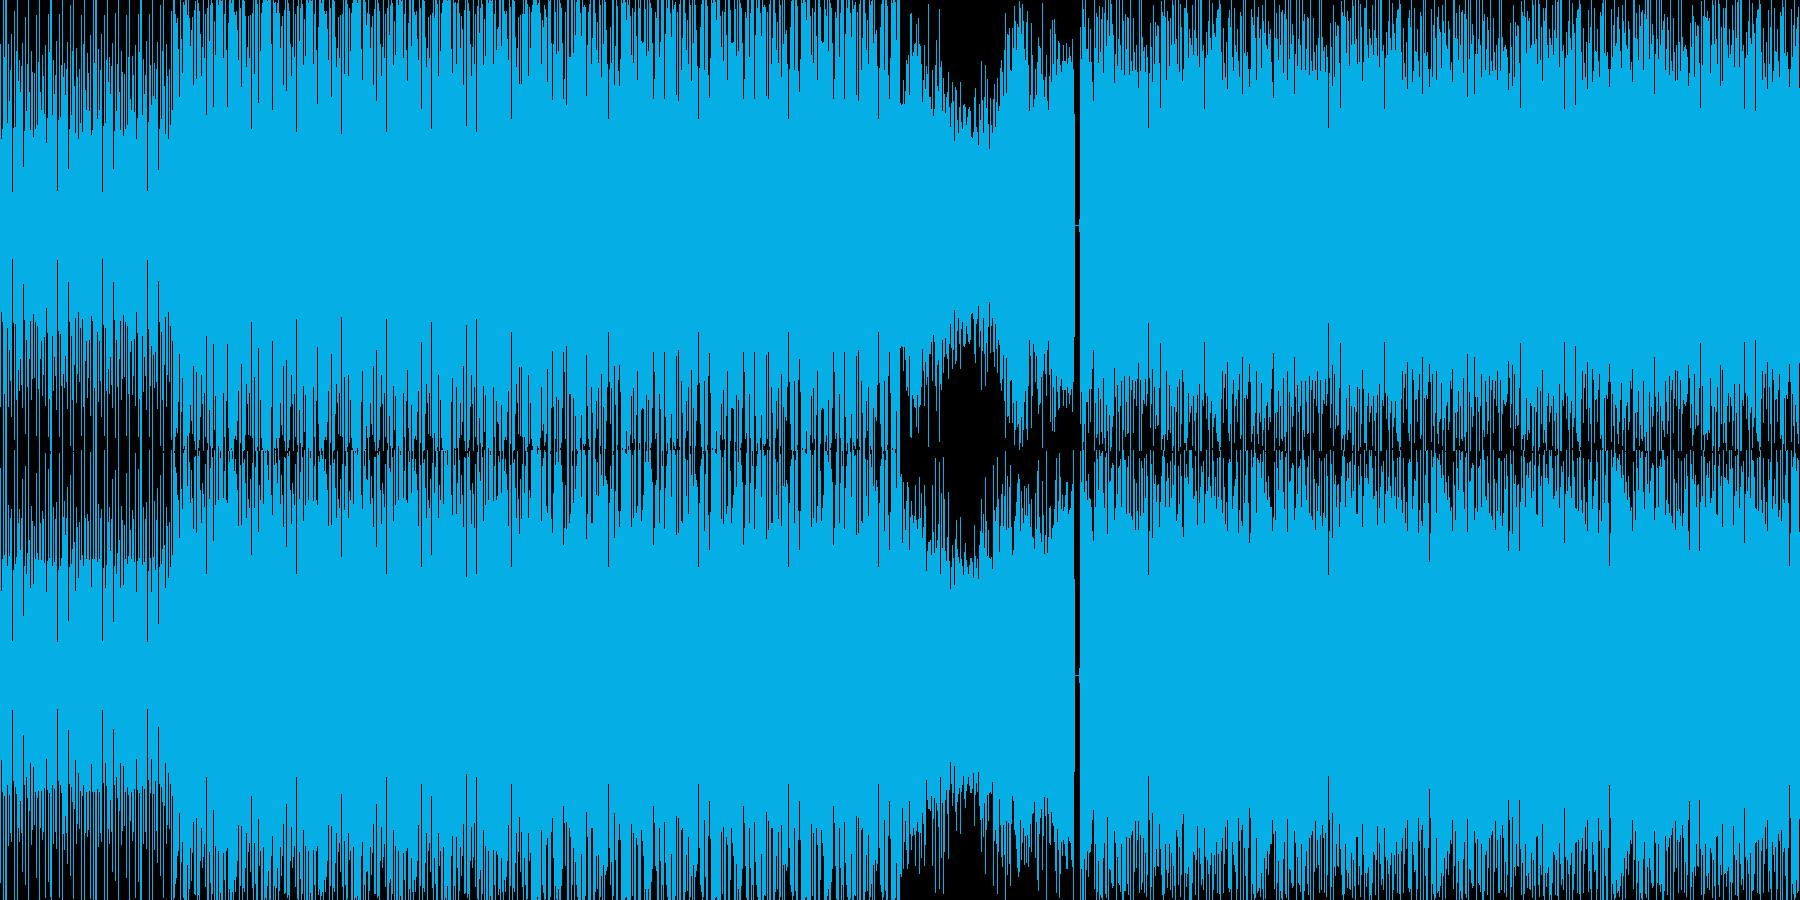 【トランス系ダンスミュージック】の再生済みの波形